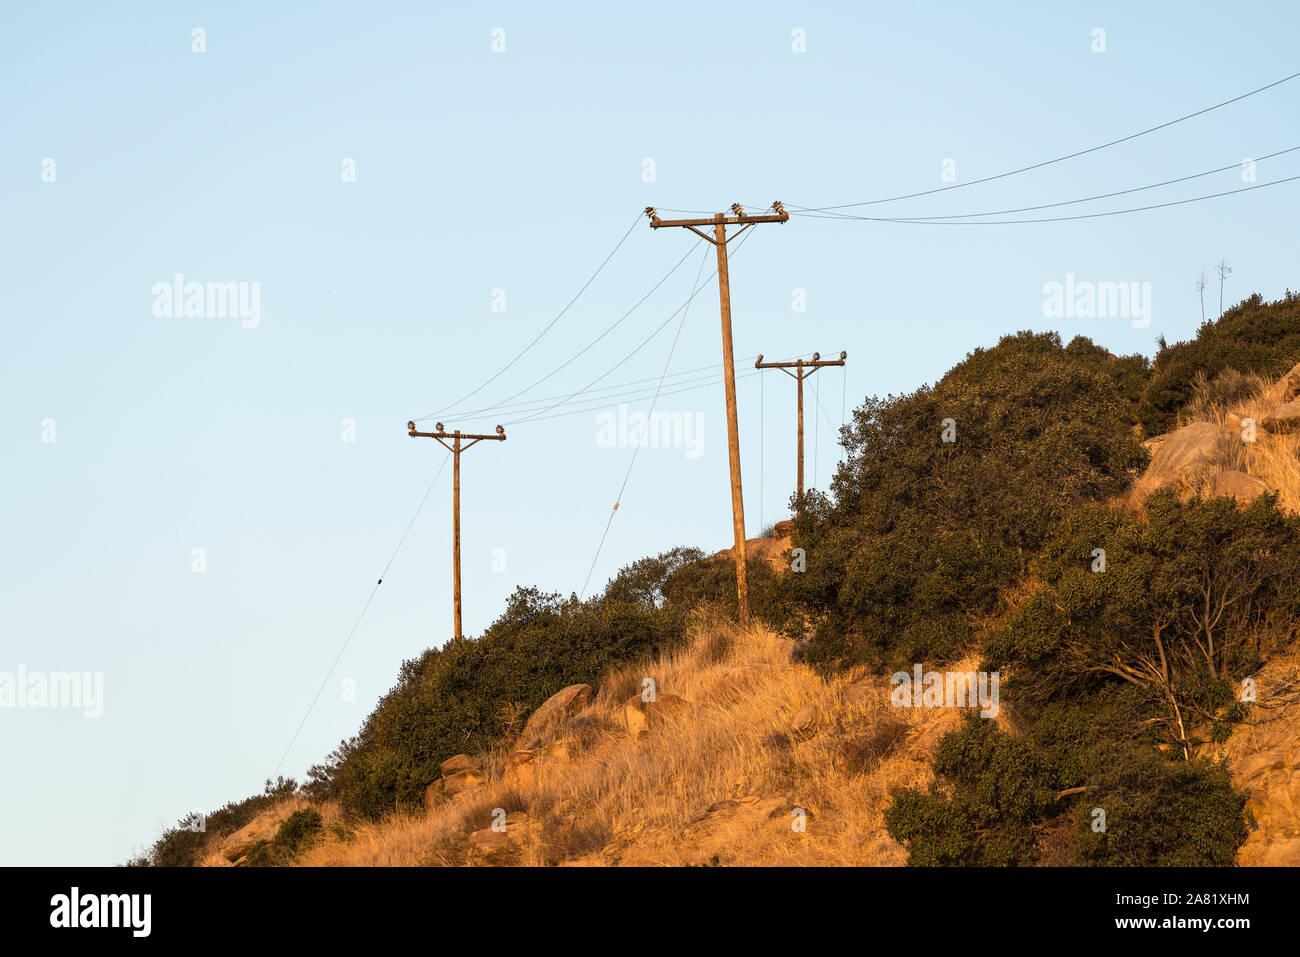 Alte ländliche Stromleitungen über trockenen Pinsel Hang in der Nähe von Los Angeles und Ventura County im südlichen Kalifornien. Stockfoto